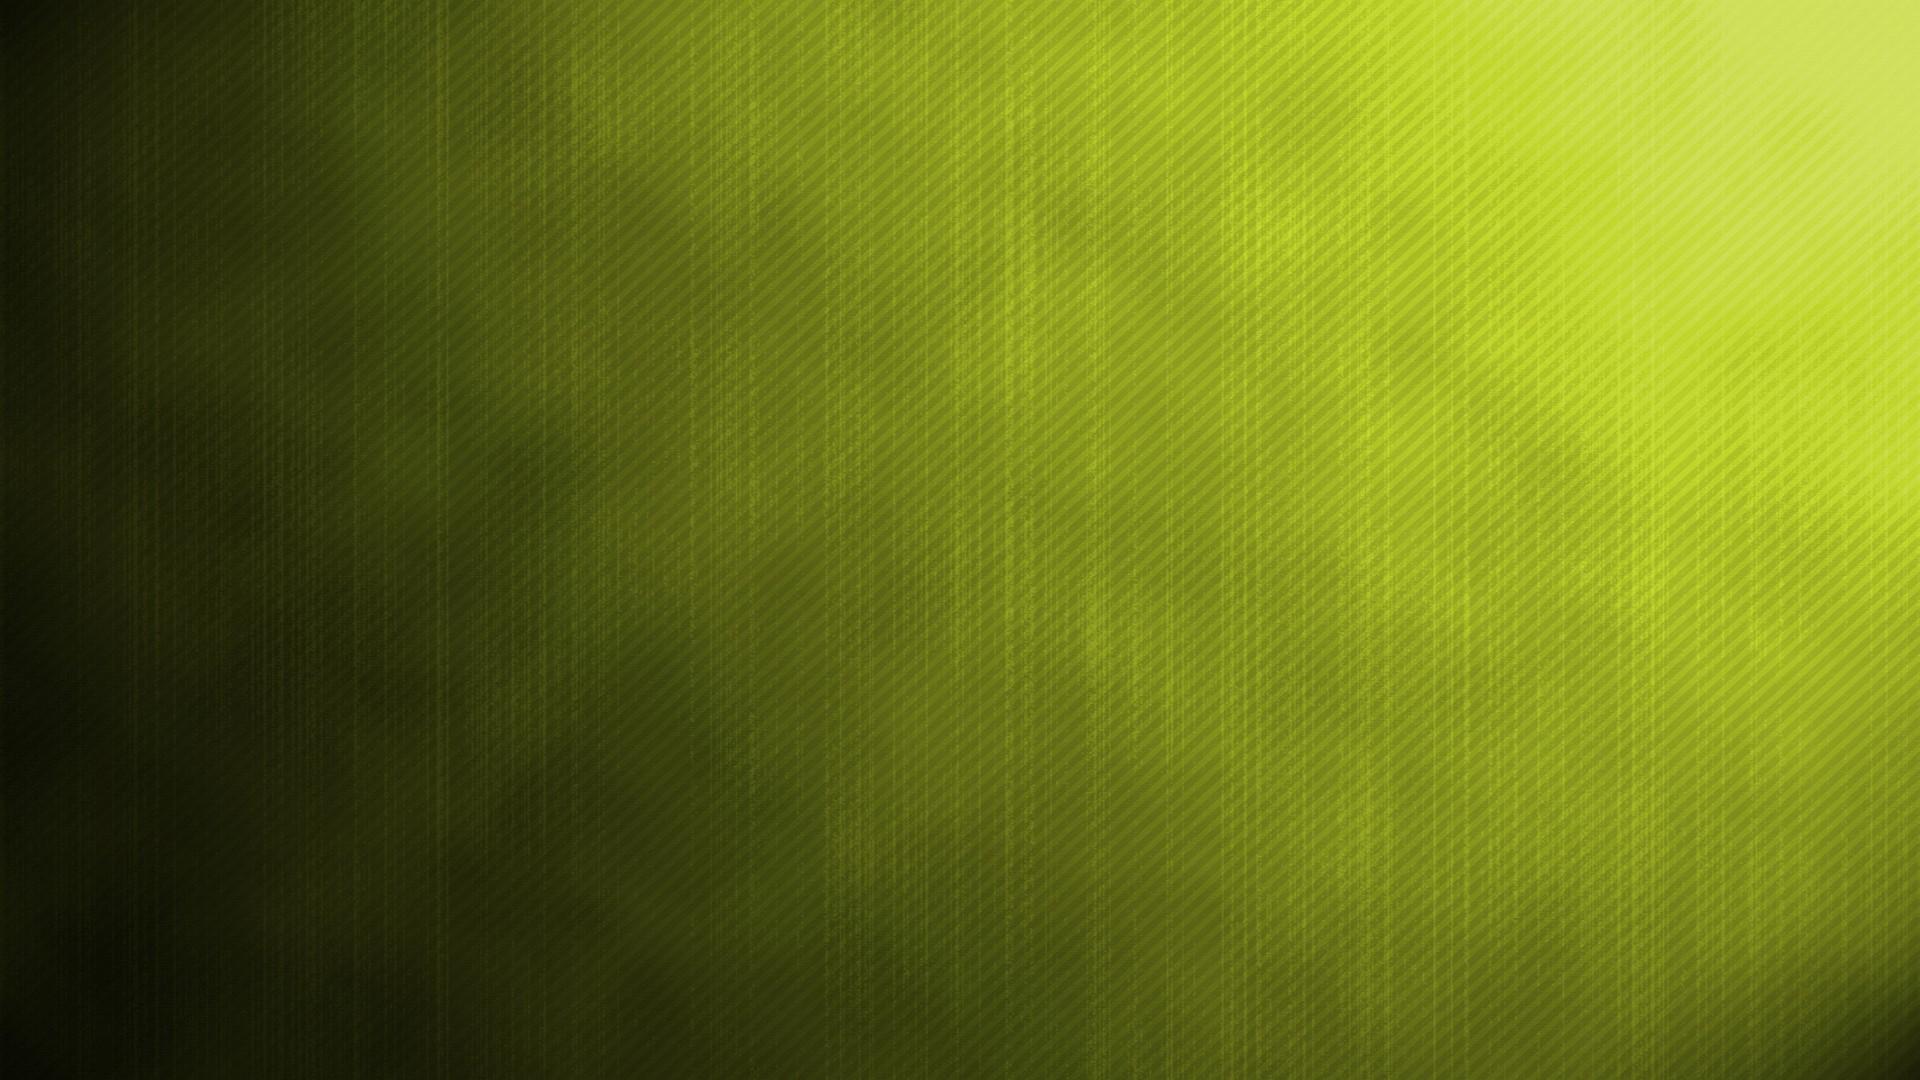 Sfondi Verde 78 Immagini